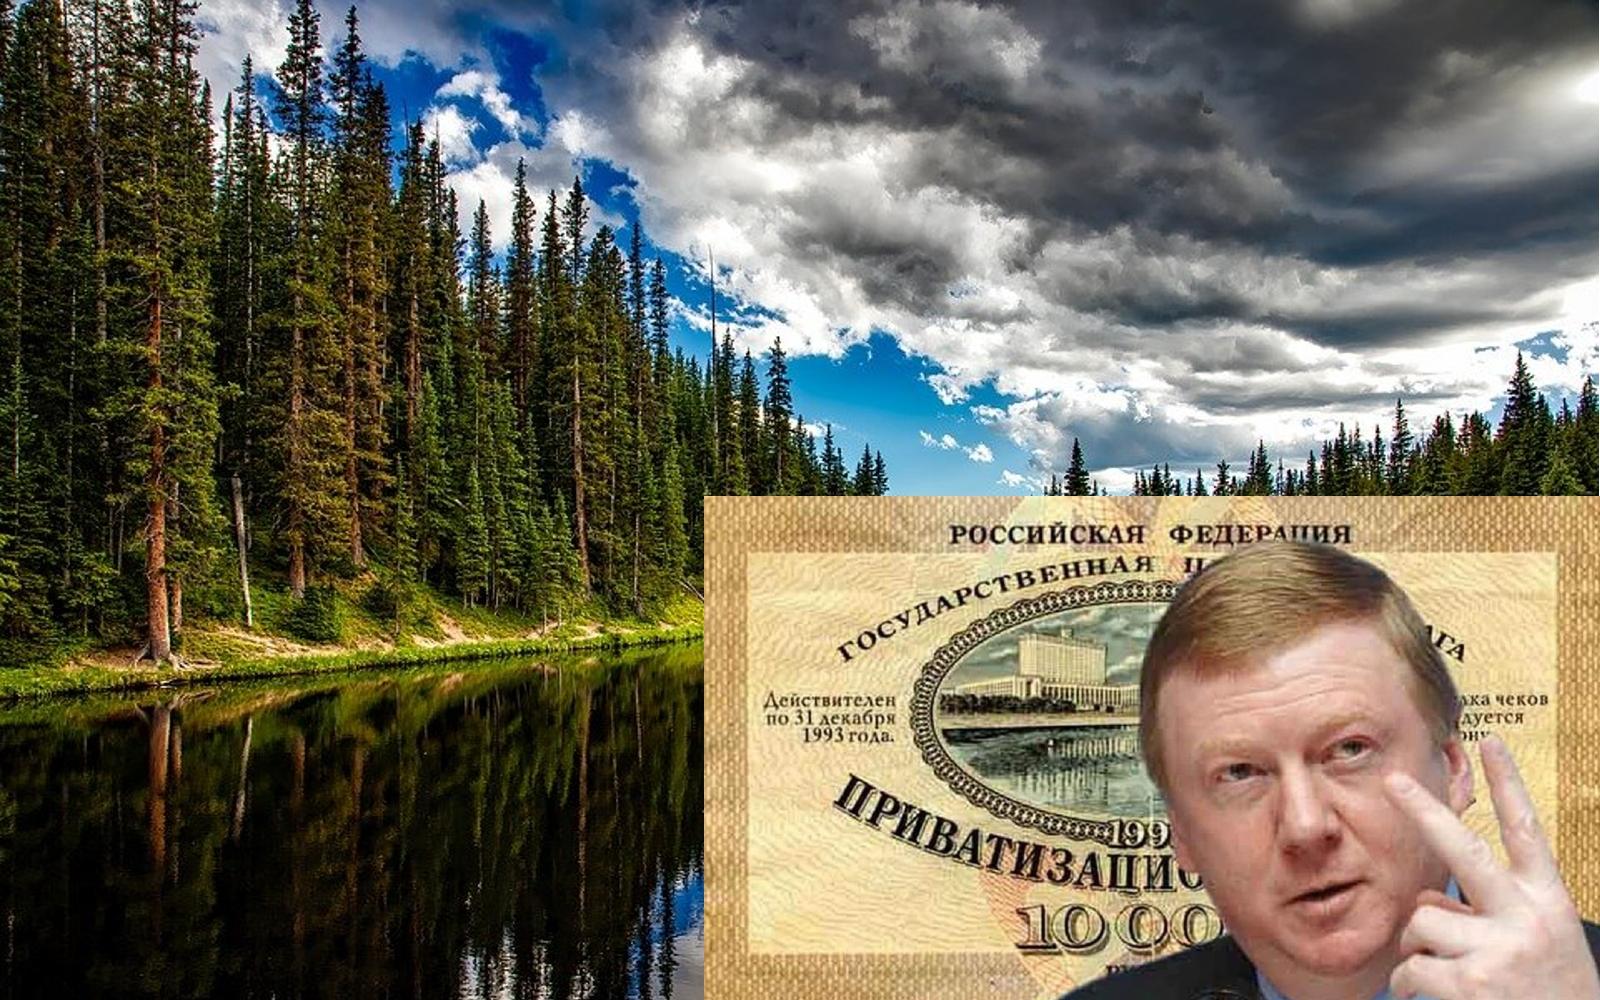 Что скрывается за коммерческими инициативами по «лесовосстановлению» и приватизацией леса?